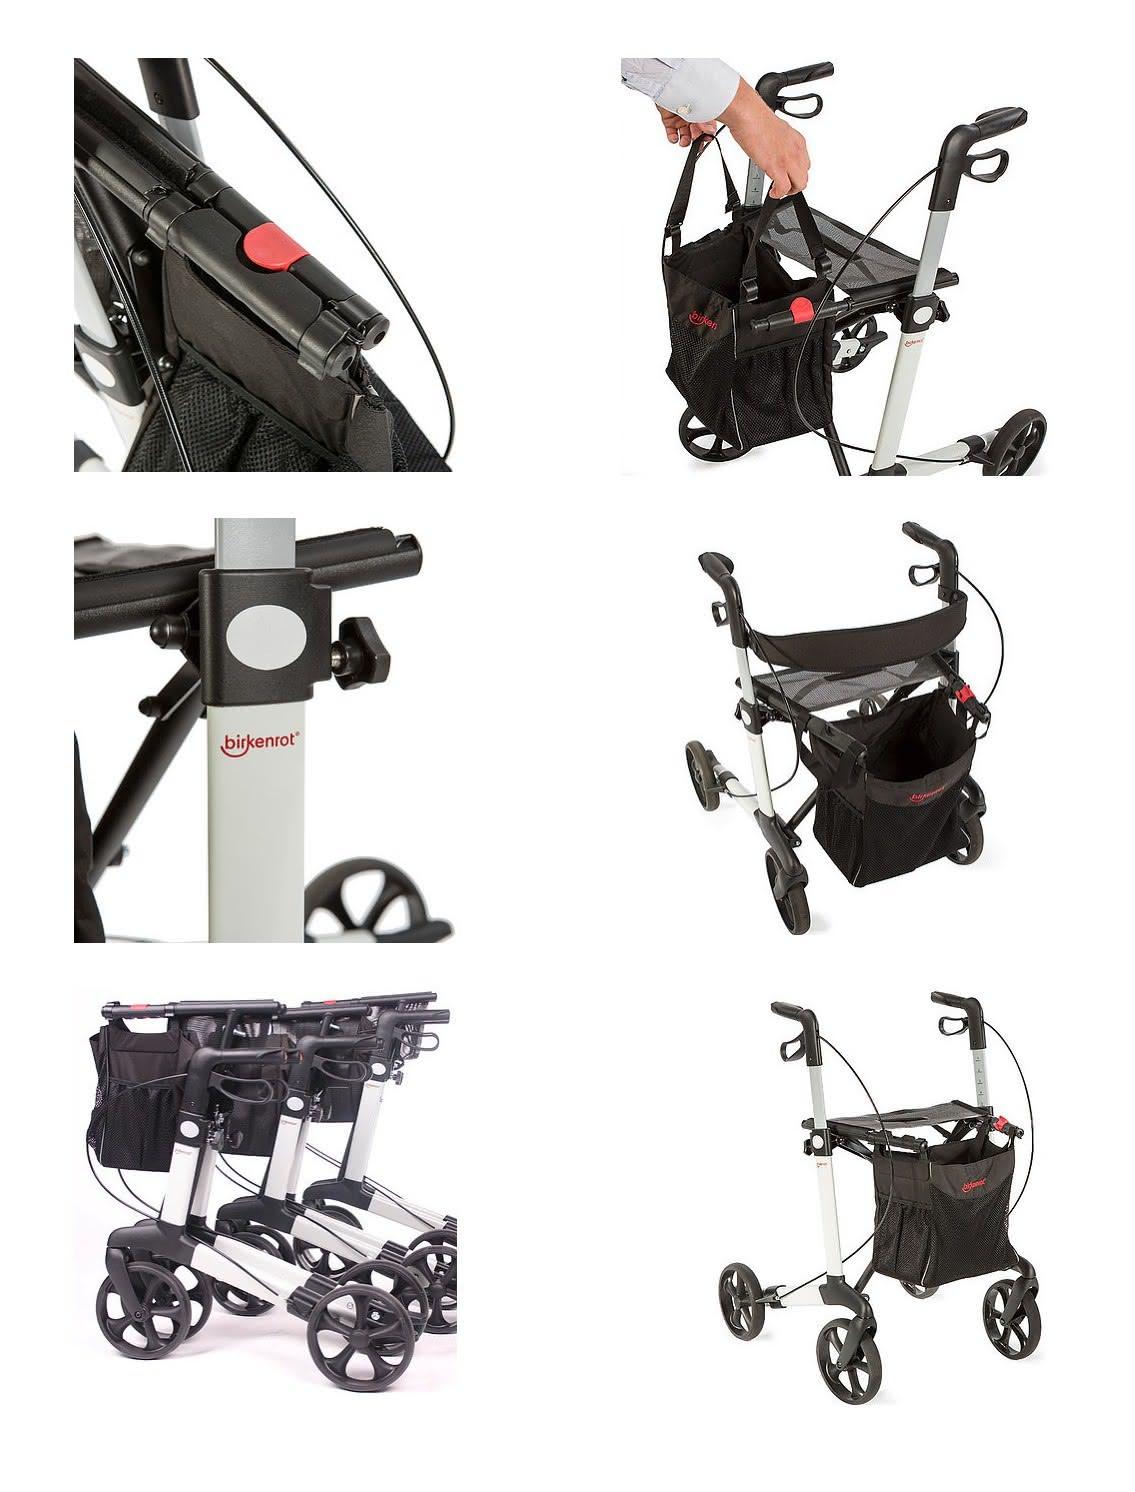 Birkenrot Rollator Details